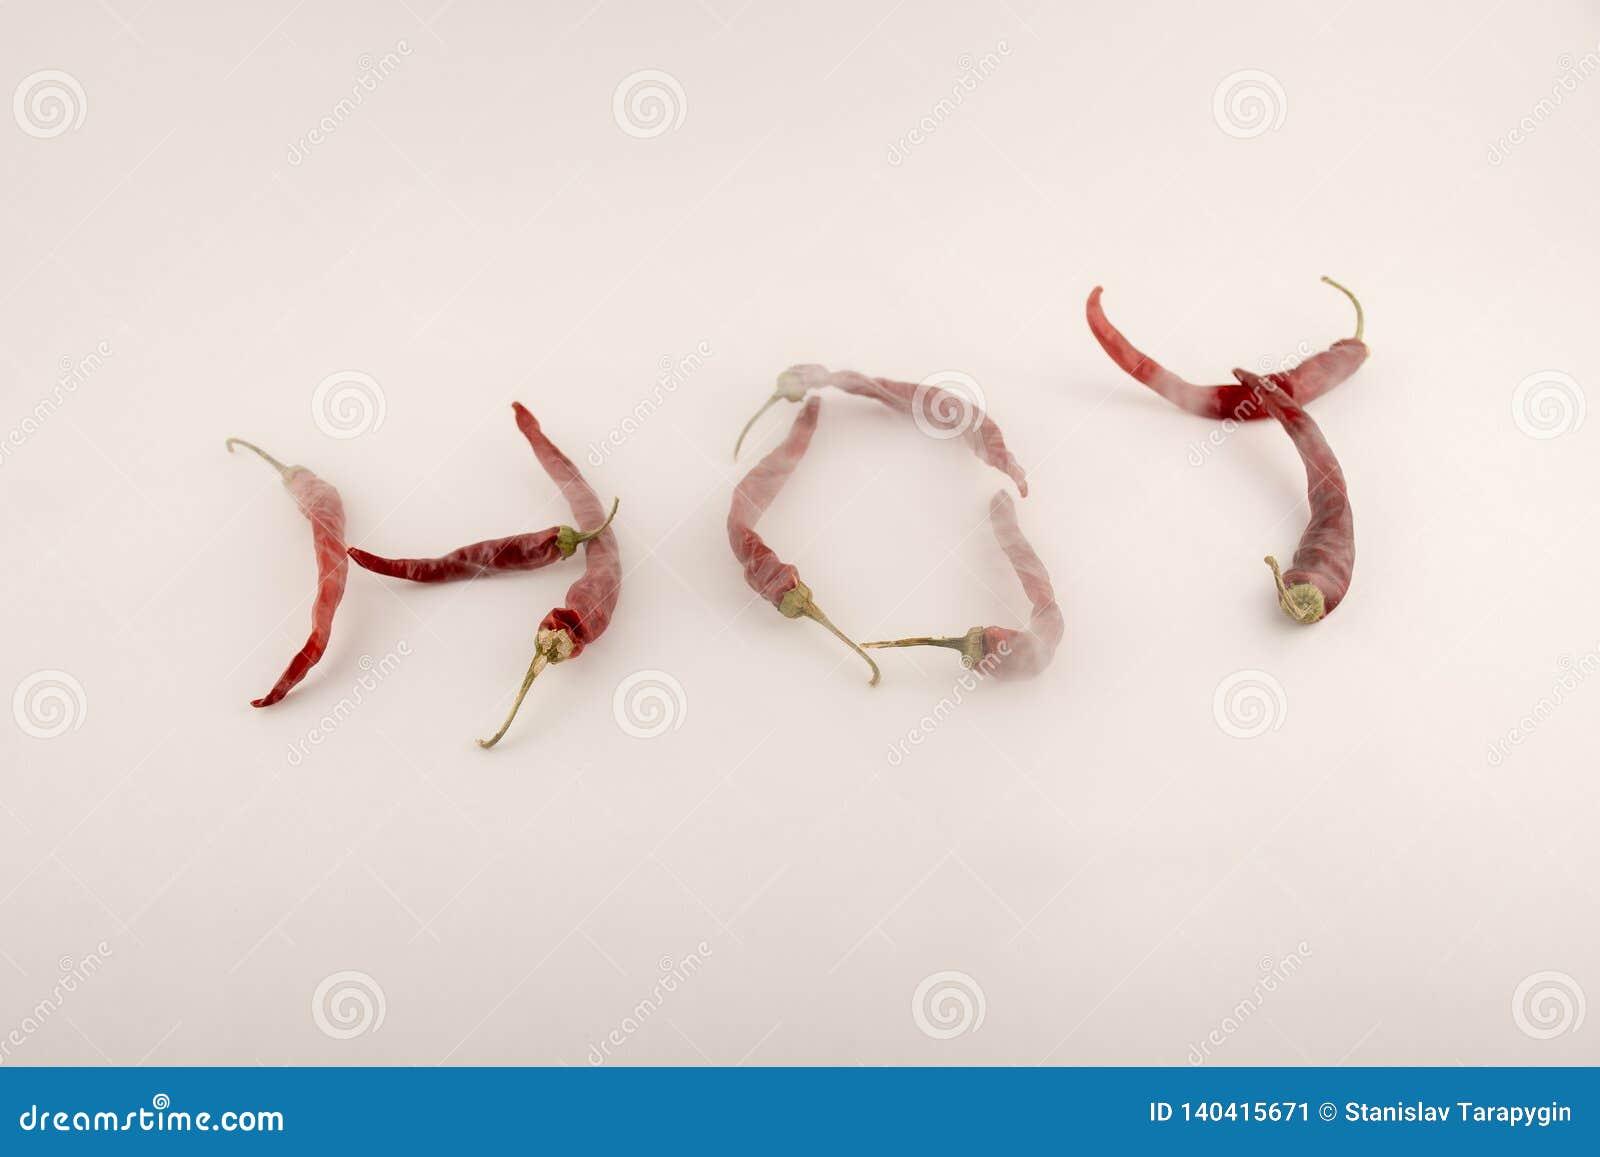 El caliente de la palabra construido de las pimientas de chile rojo con los troncos verdes en un fondo blanco